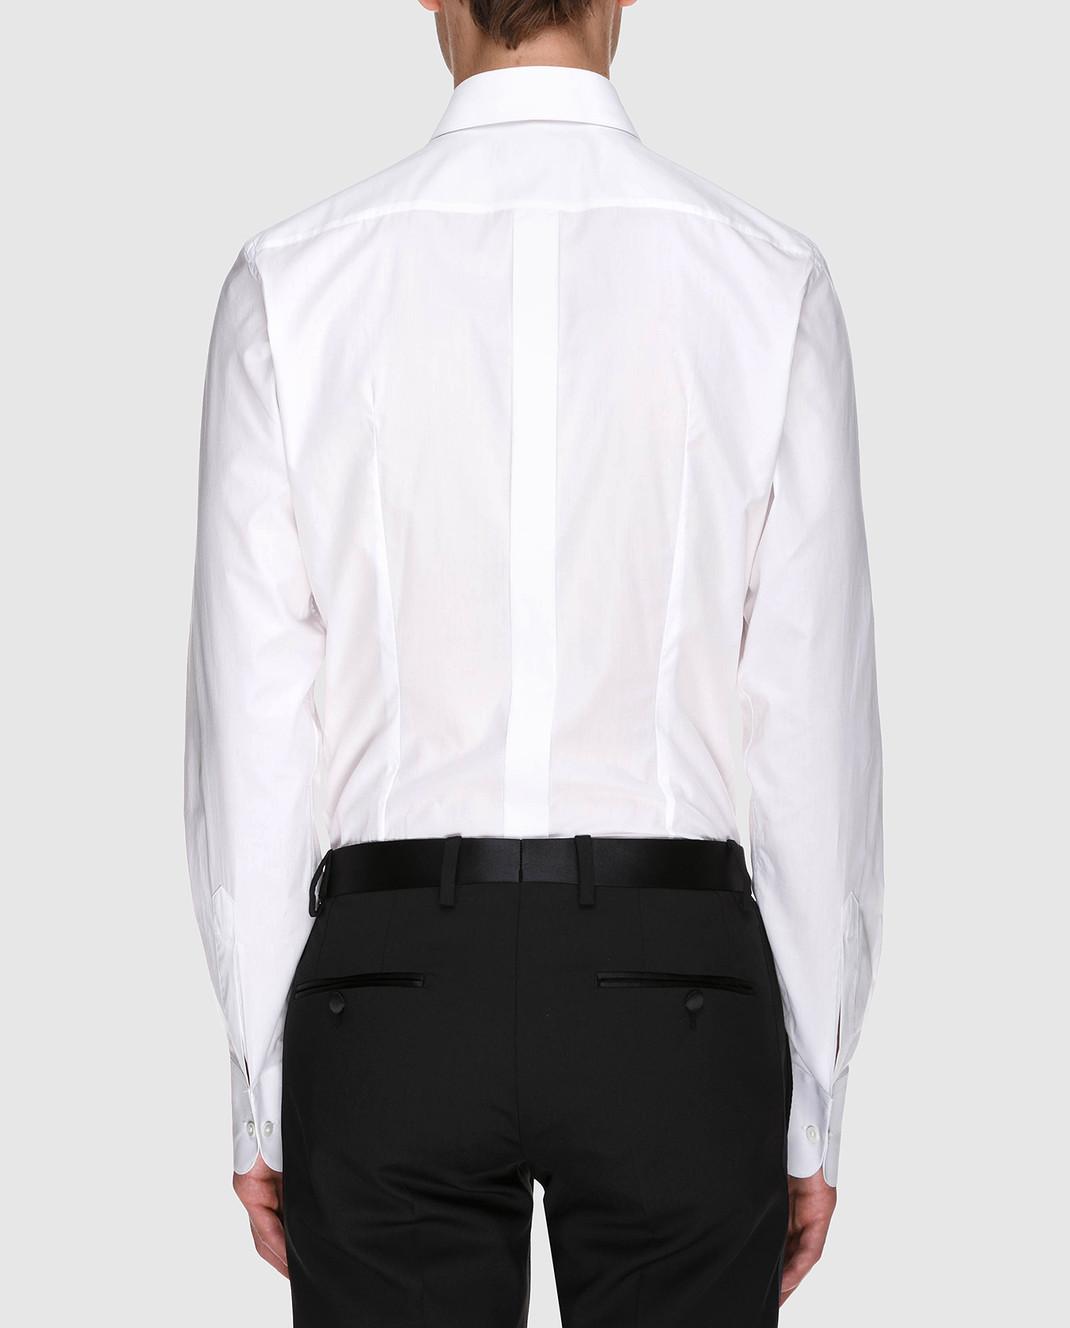 Dolce&Gabbana Белая рубашка G5FL5TGEC81 изображение 4